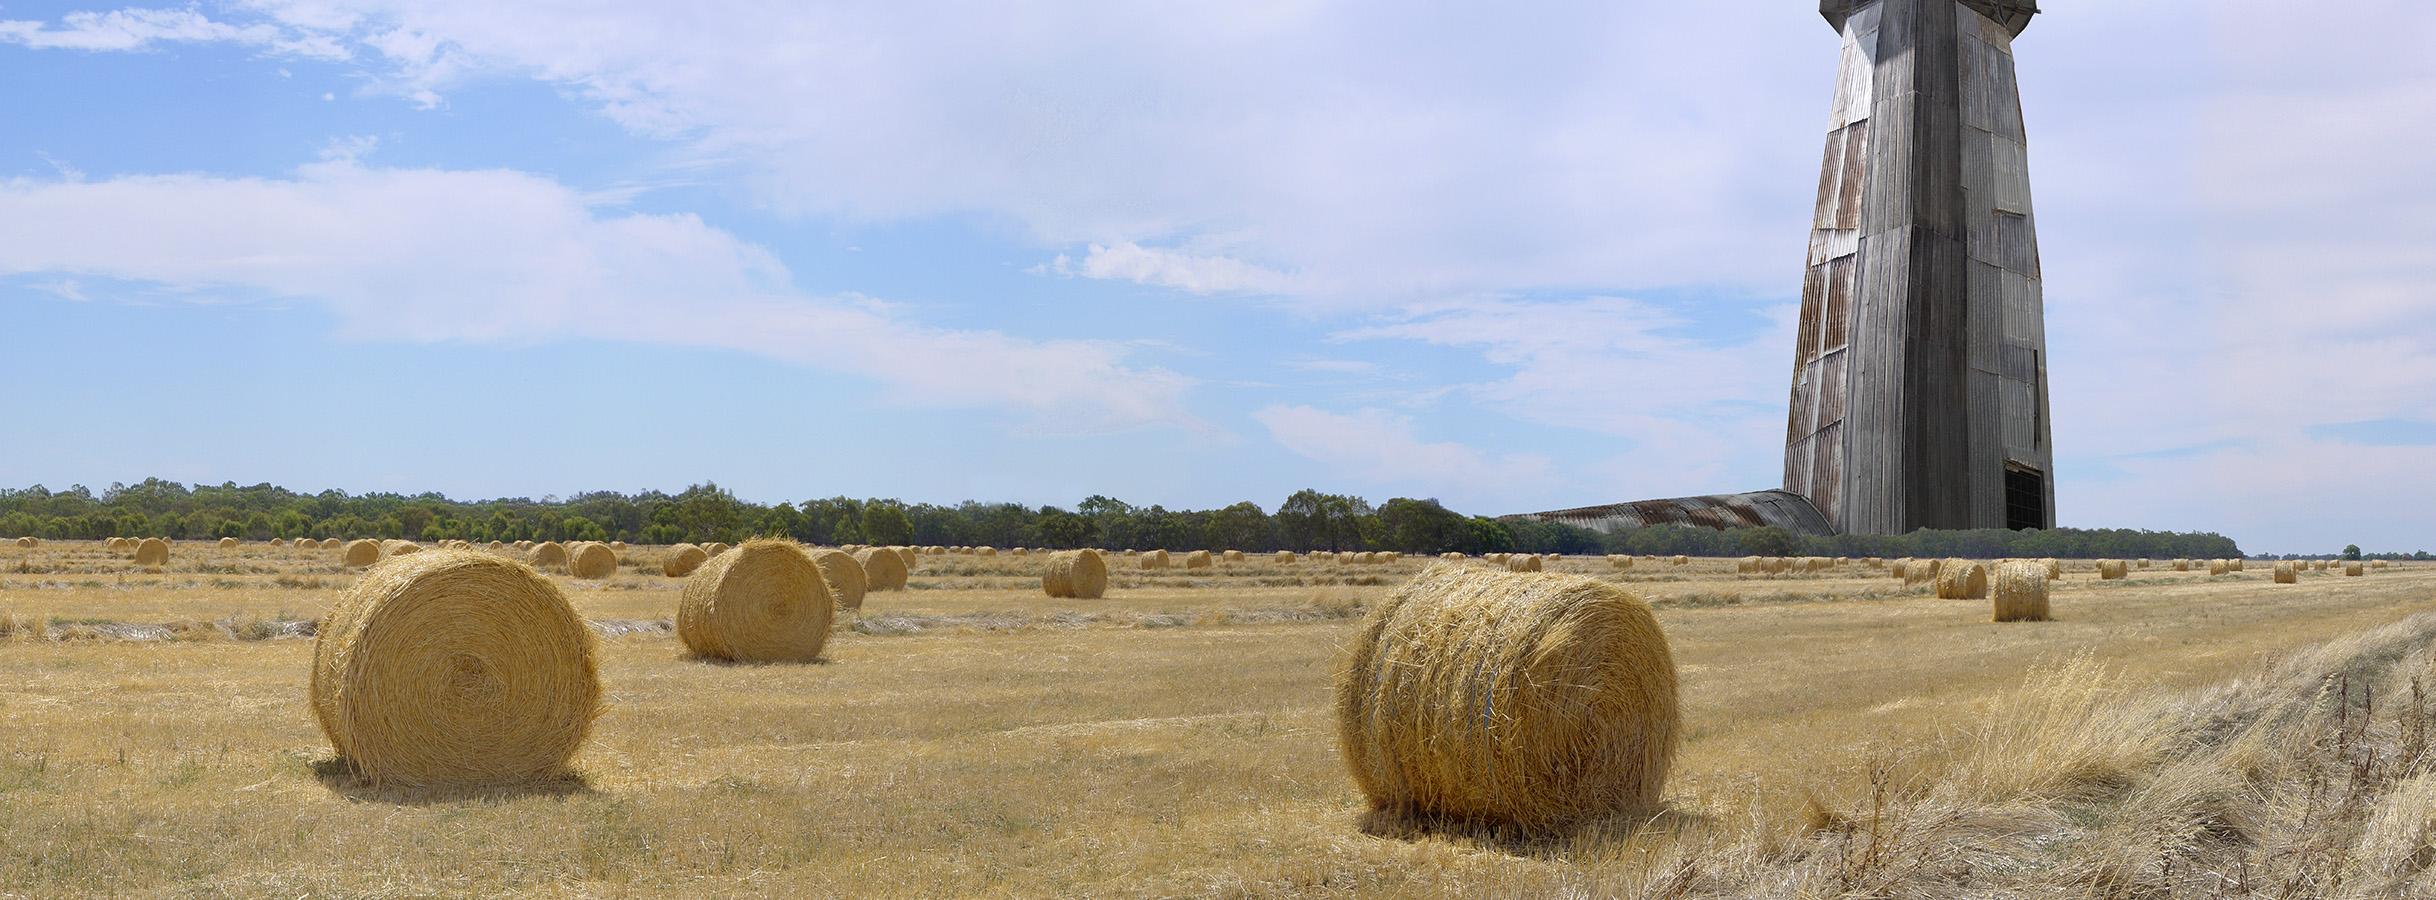 Agri-culture